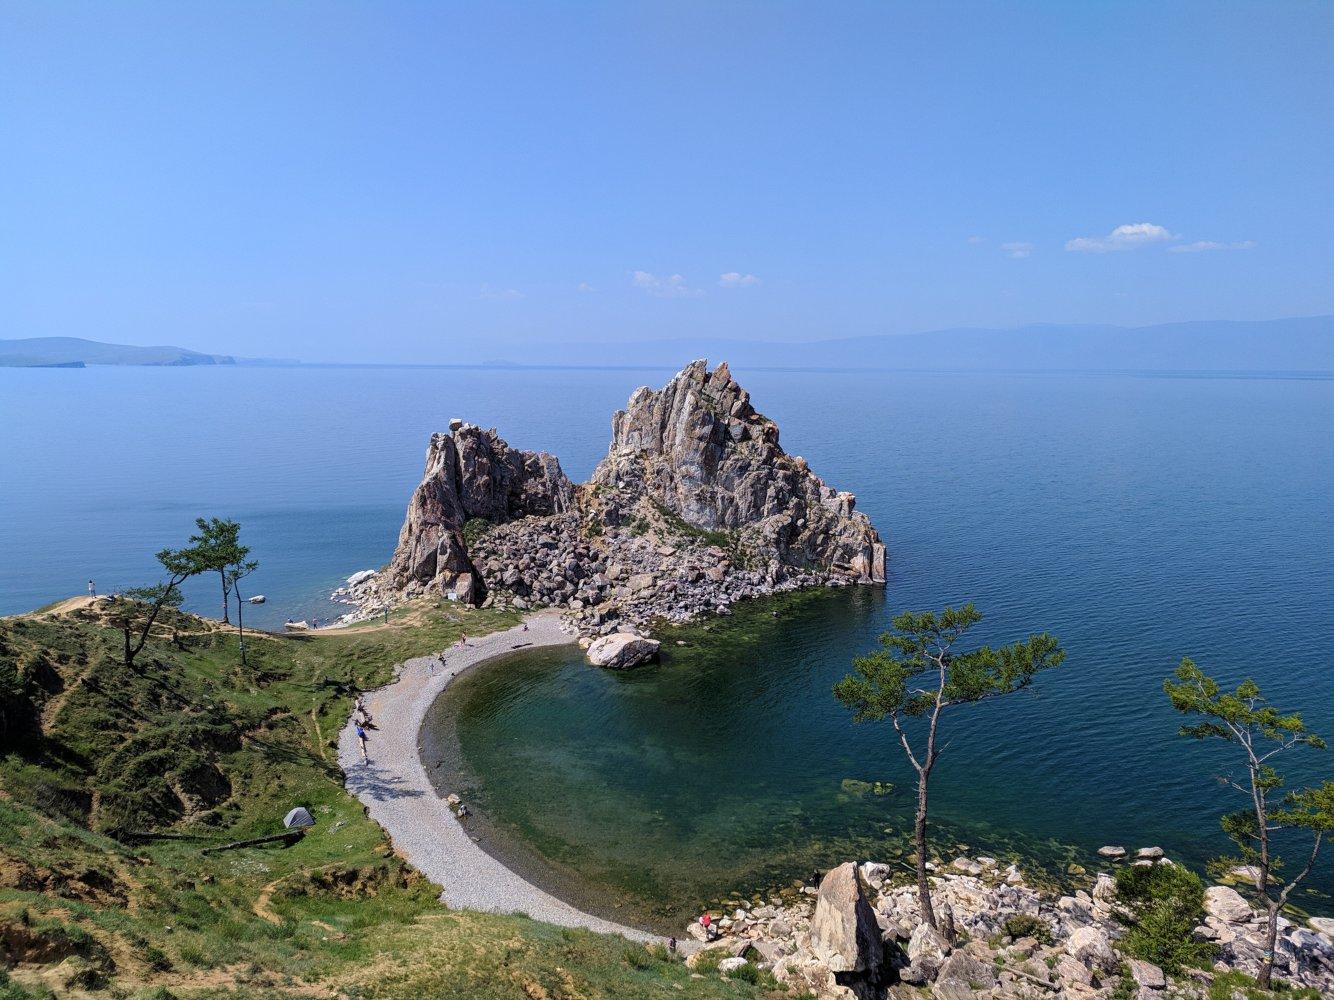 Vista do Lago de Balka